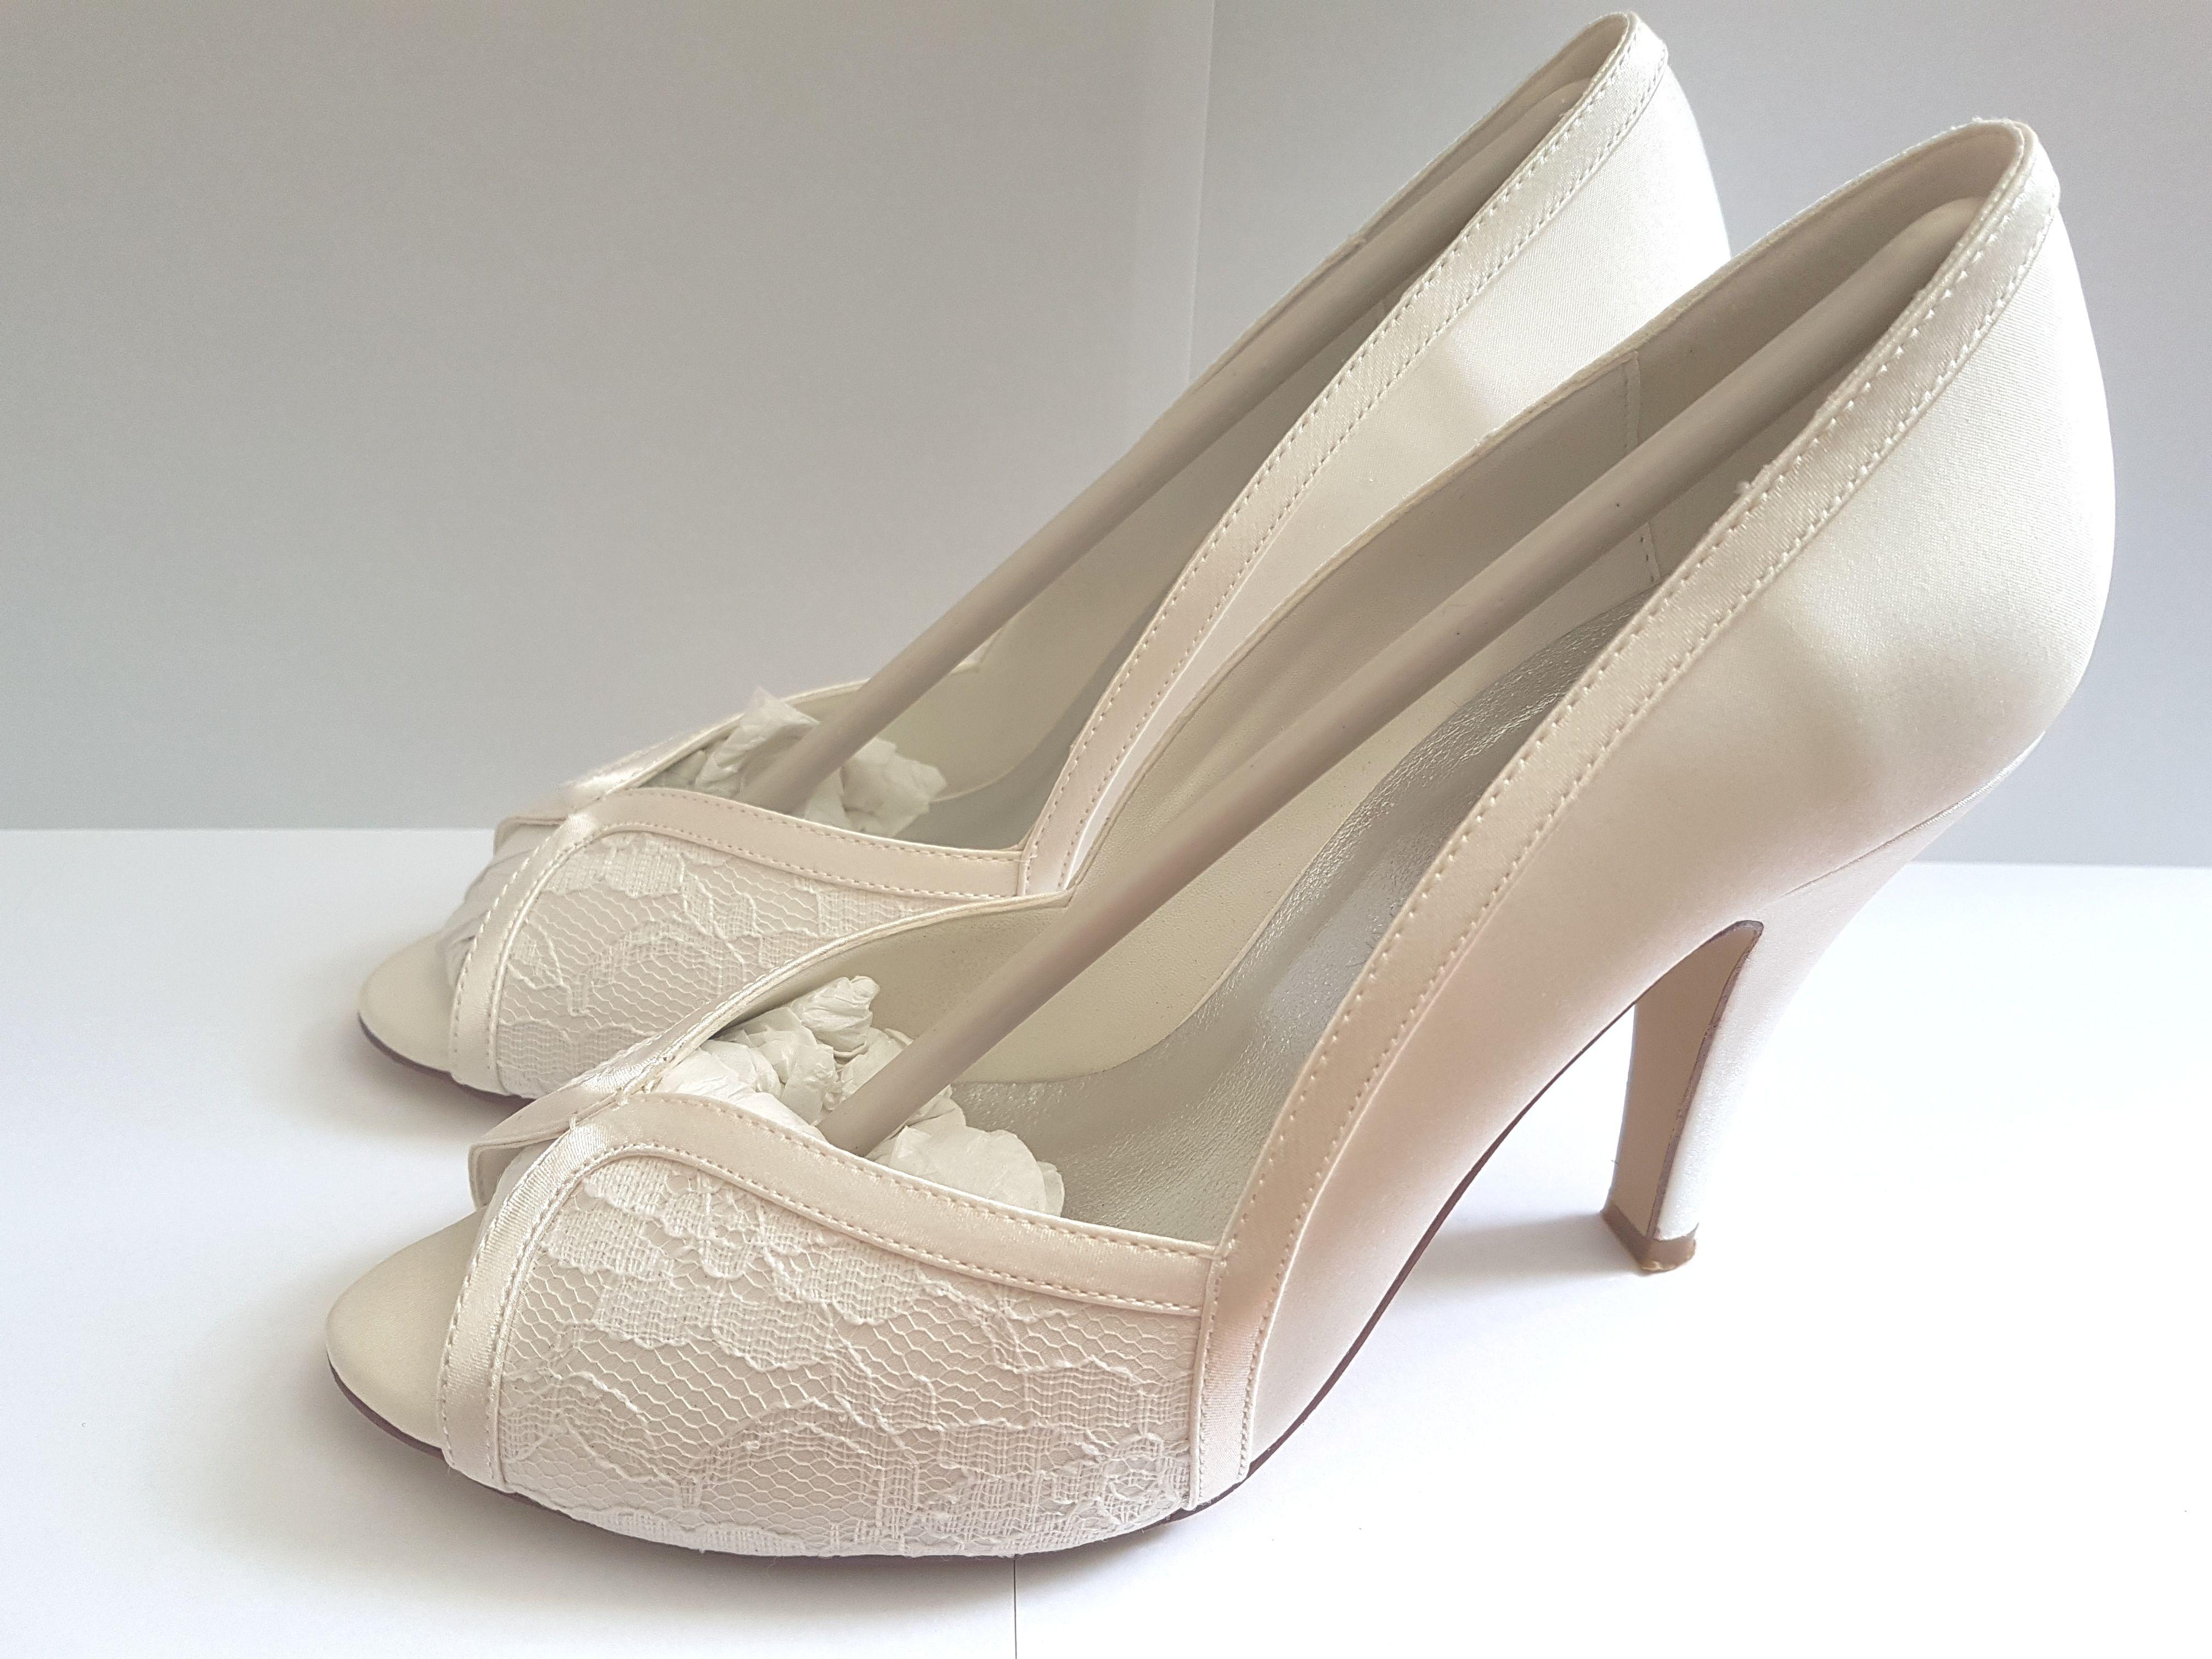 online retailer 8253c 17f5c Vintage Hochzeit Wedding Brautschuhe ElegantPark Ivory ...